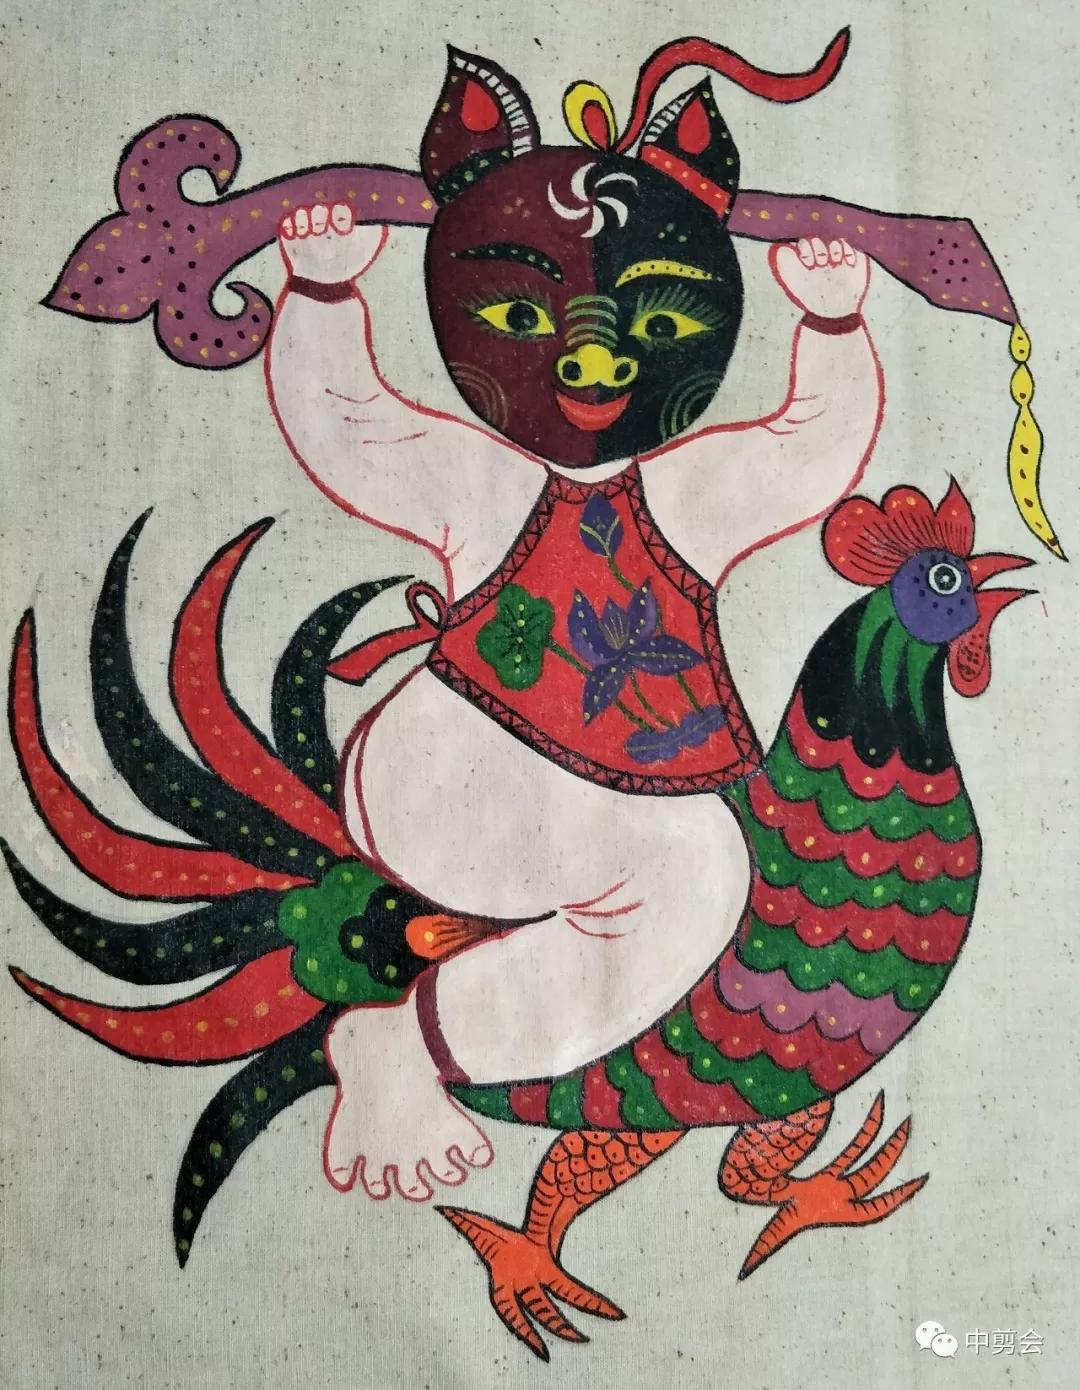 安塞之花 陕西工艺美术大师李福爱的剪纸艺术